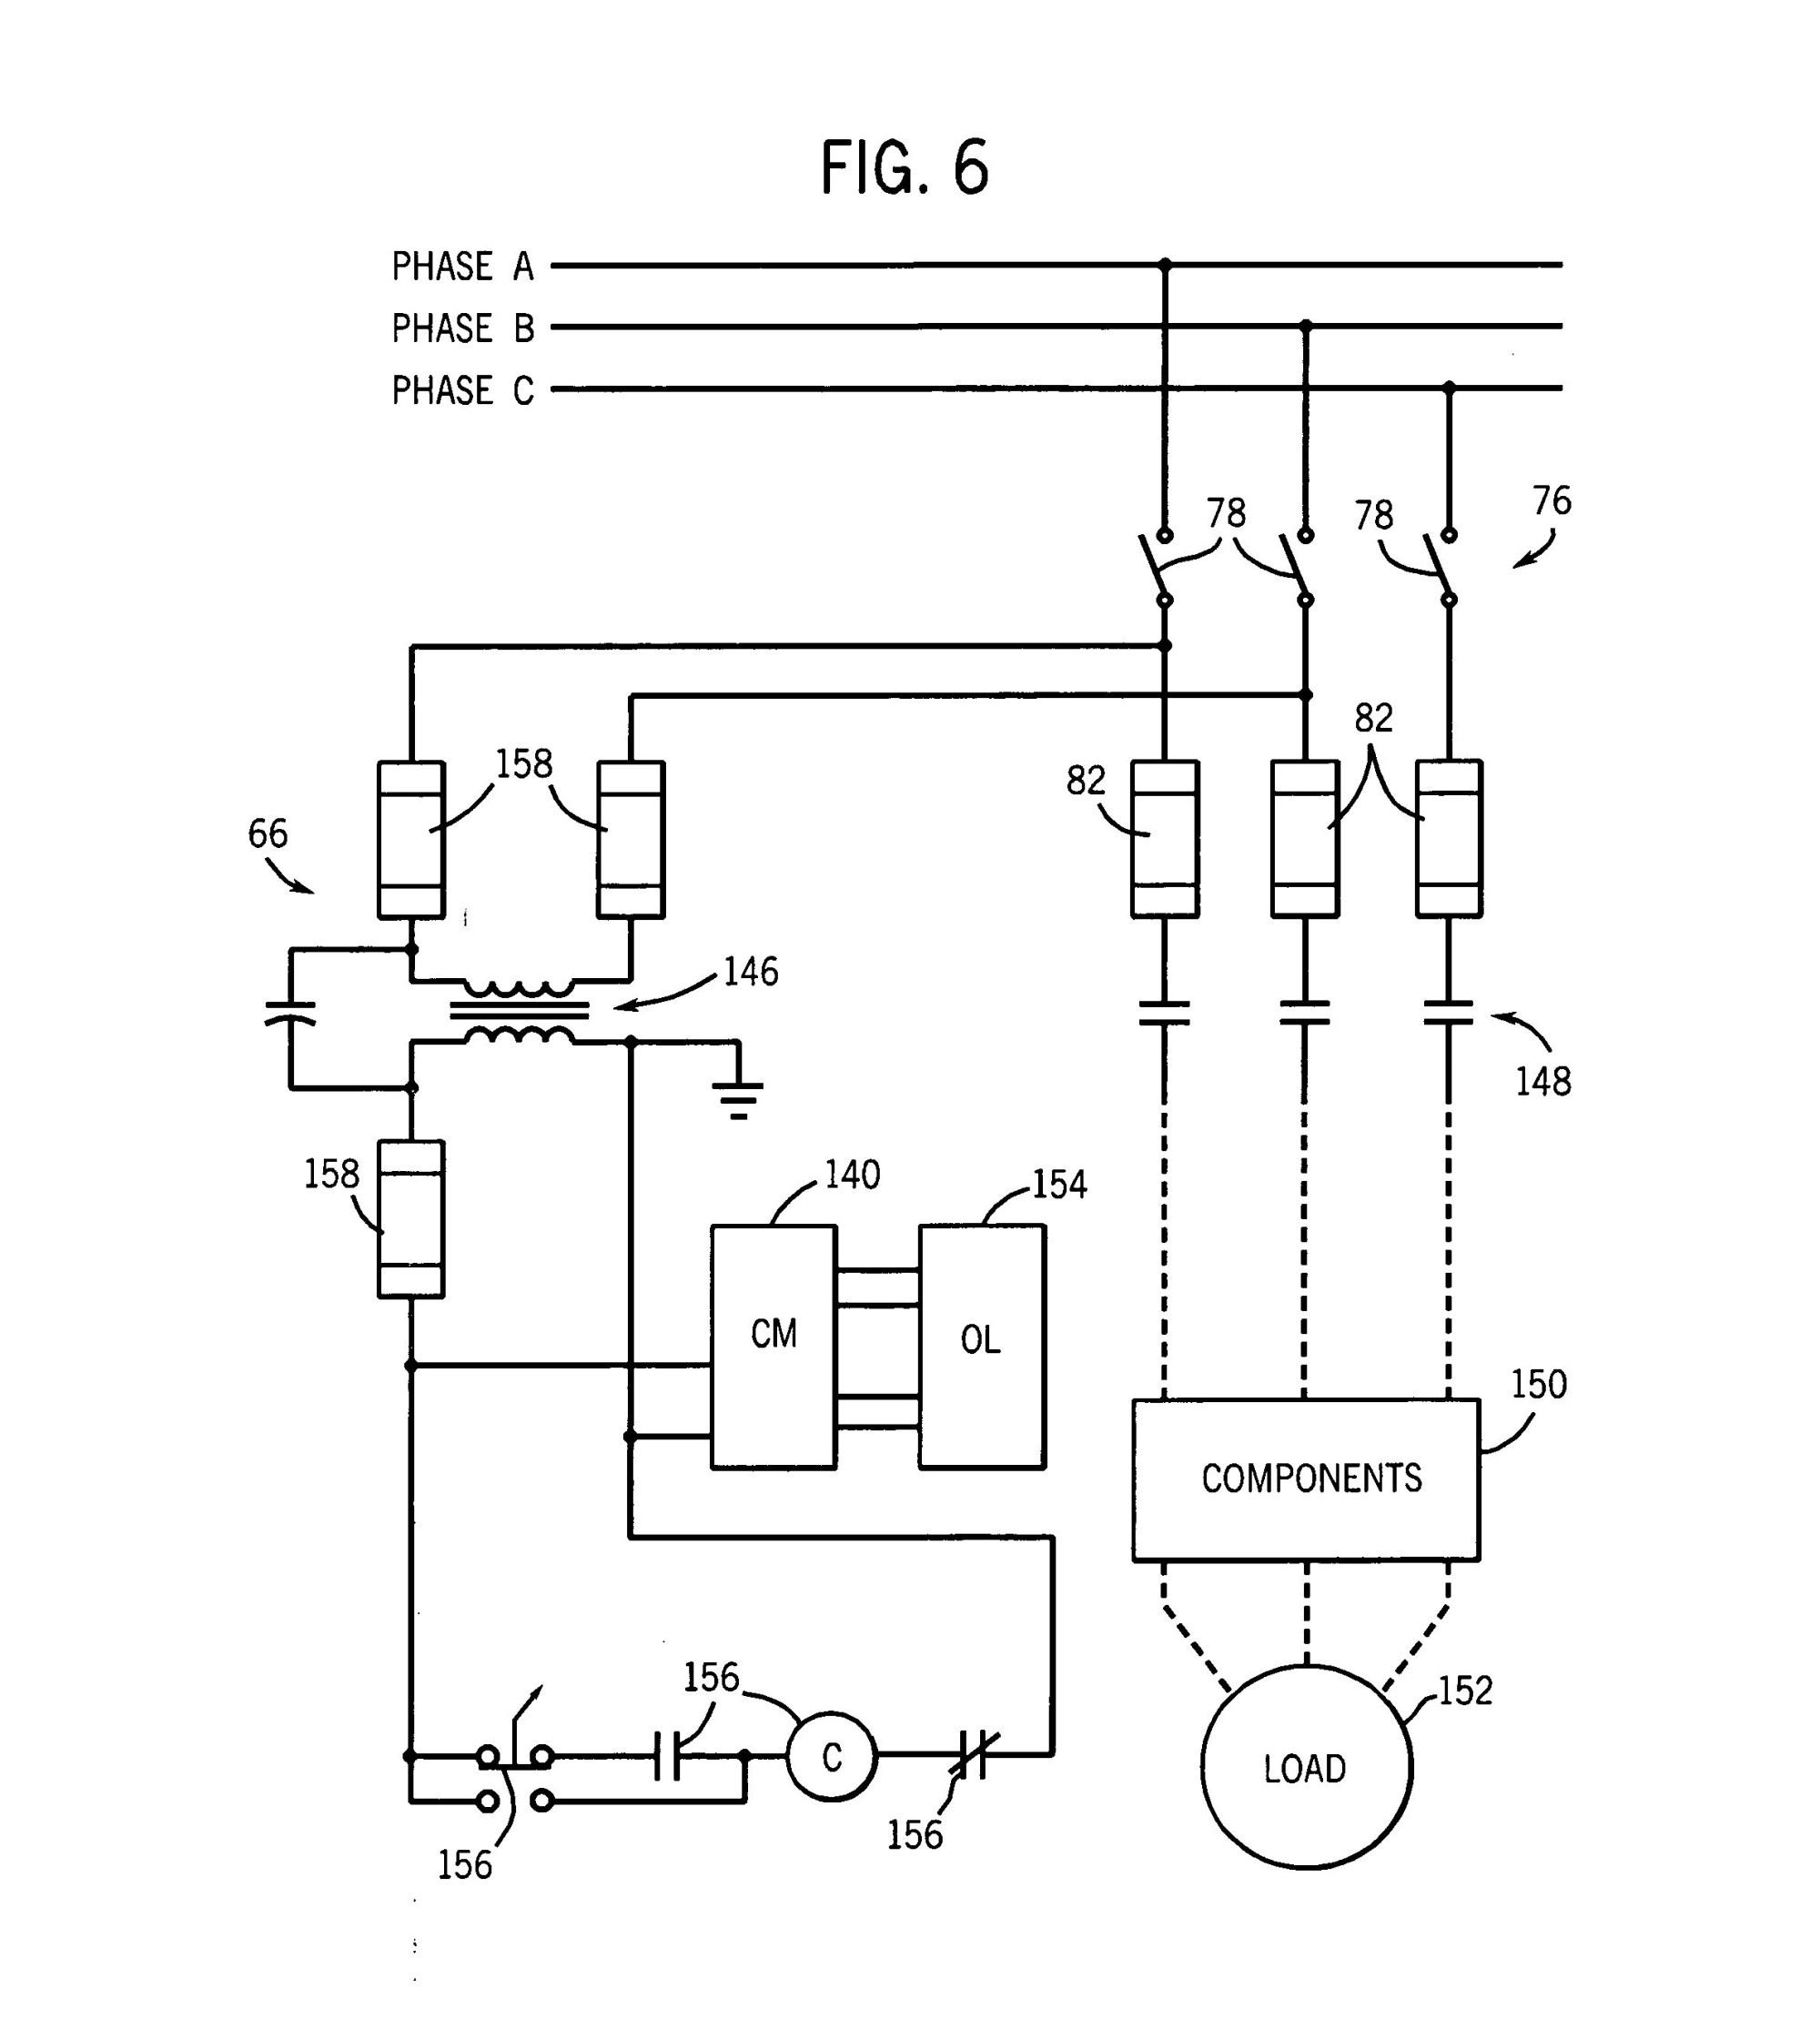 hight resolution of allen bradley slc 500 wiring diagram wiring diagram ab wiring diagrams wiring diagram ebook allen bradley